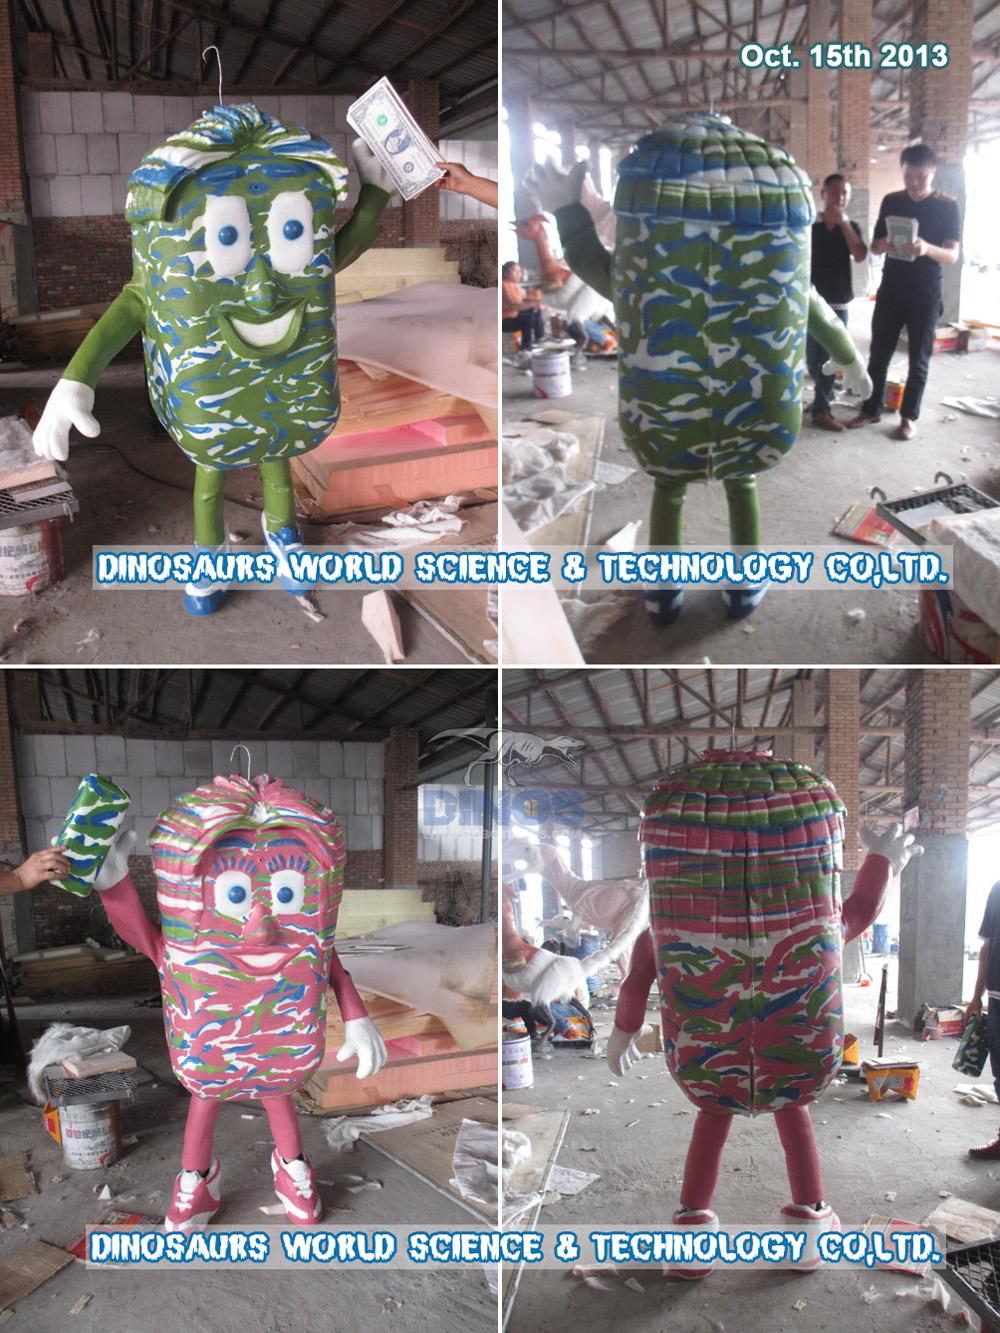 Prilagođeno odijelo za maskote dovršeno u tvornici 15. listopada 2013